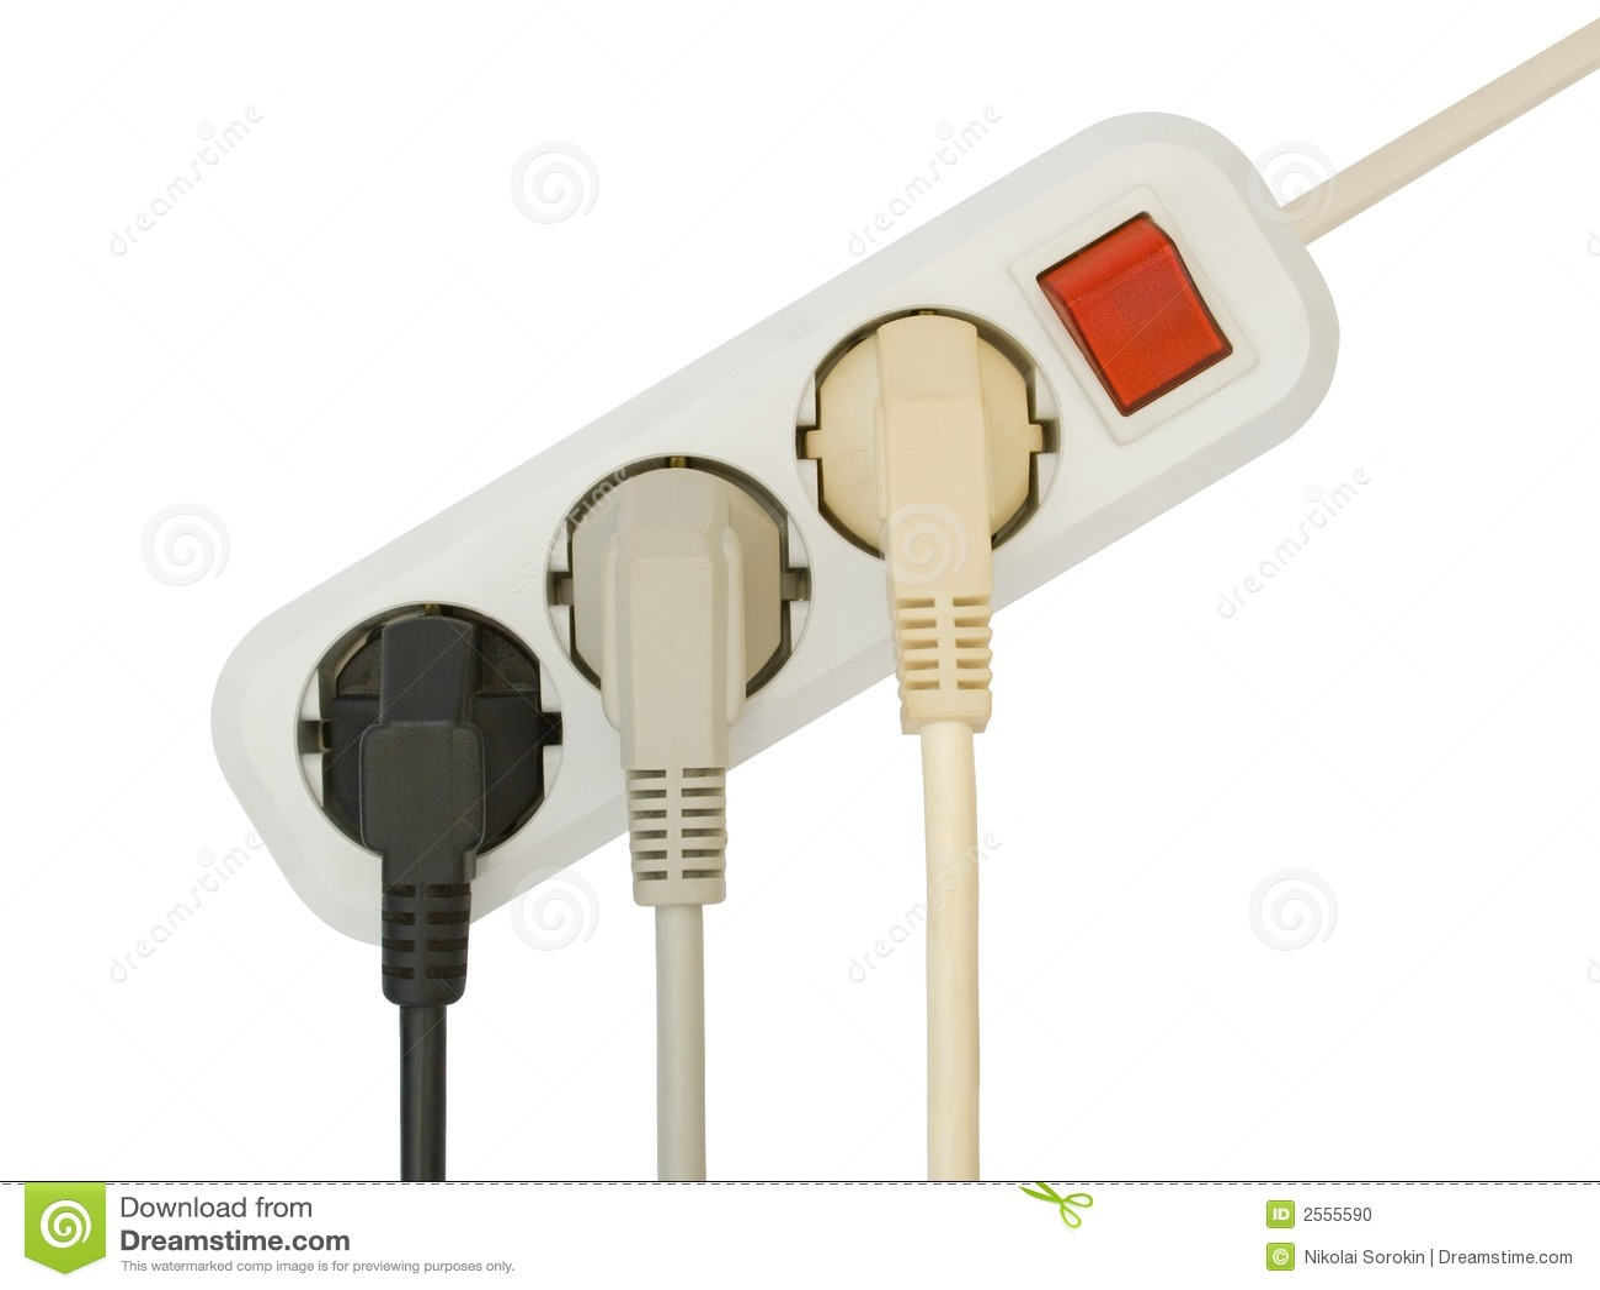 Fiches électriques connectées